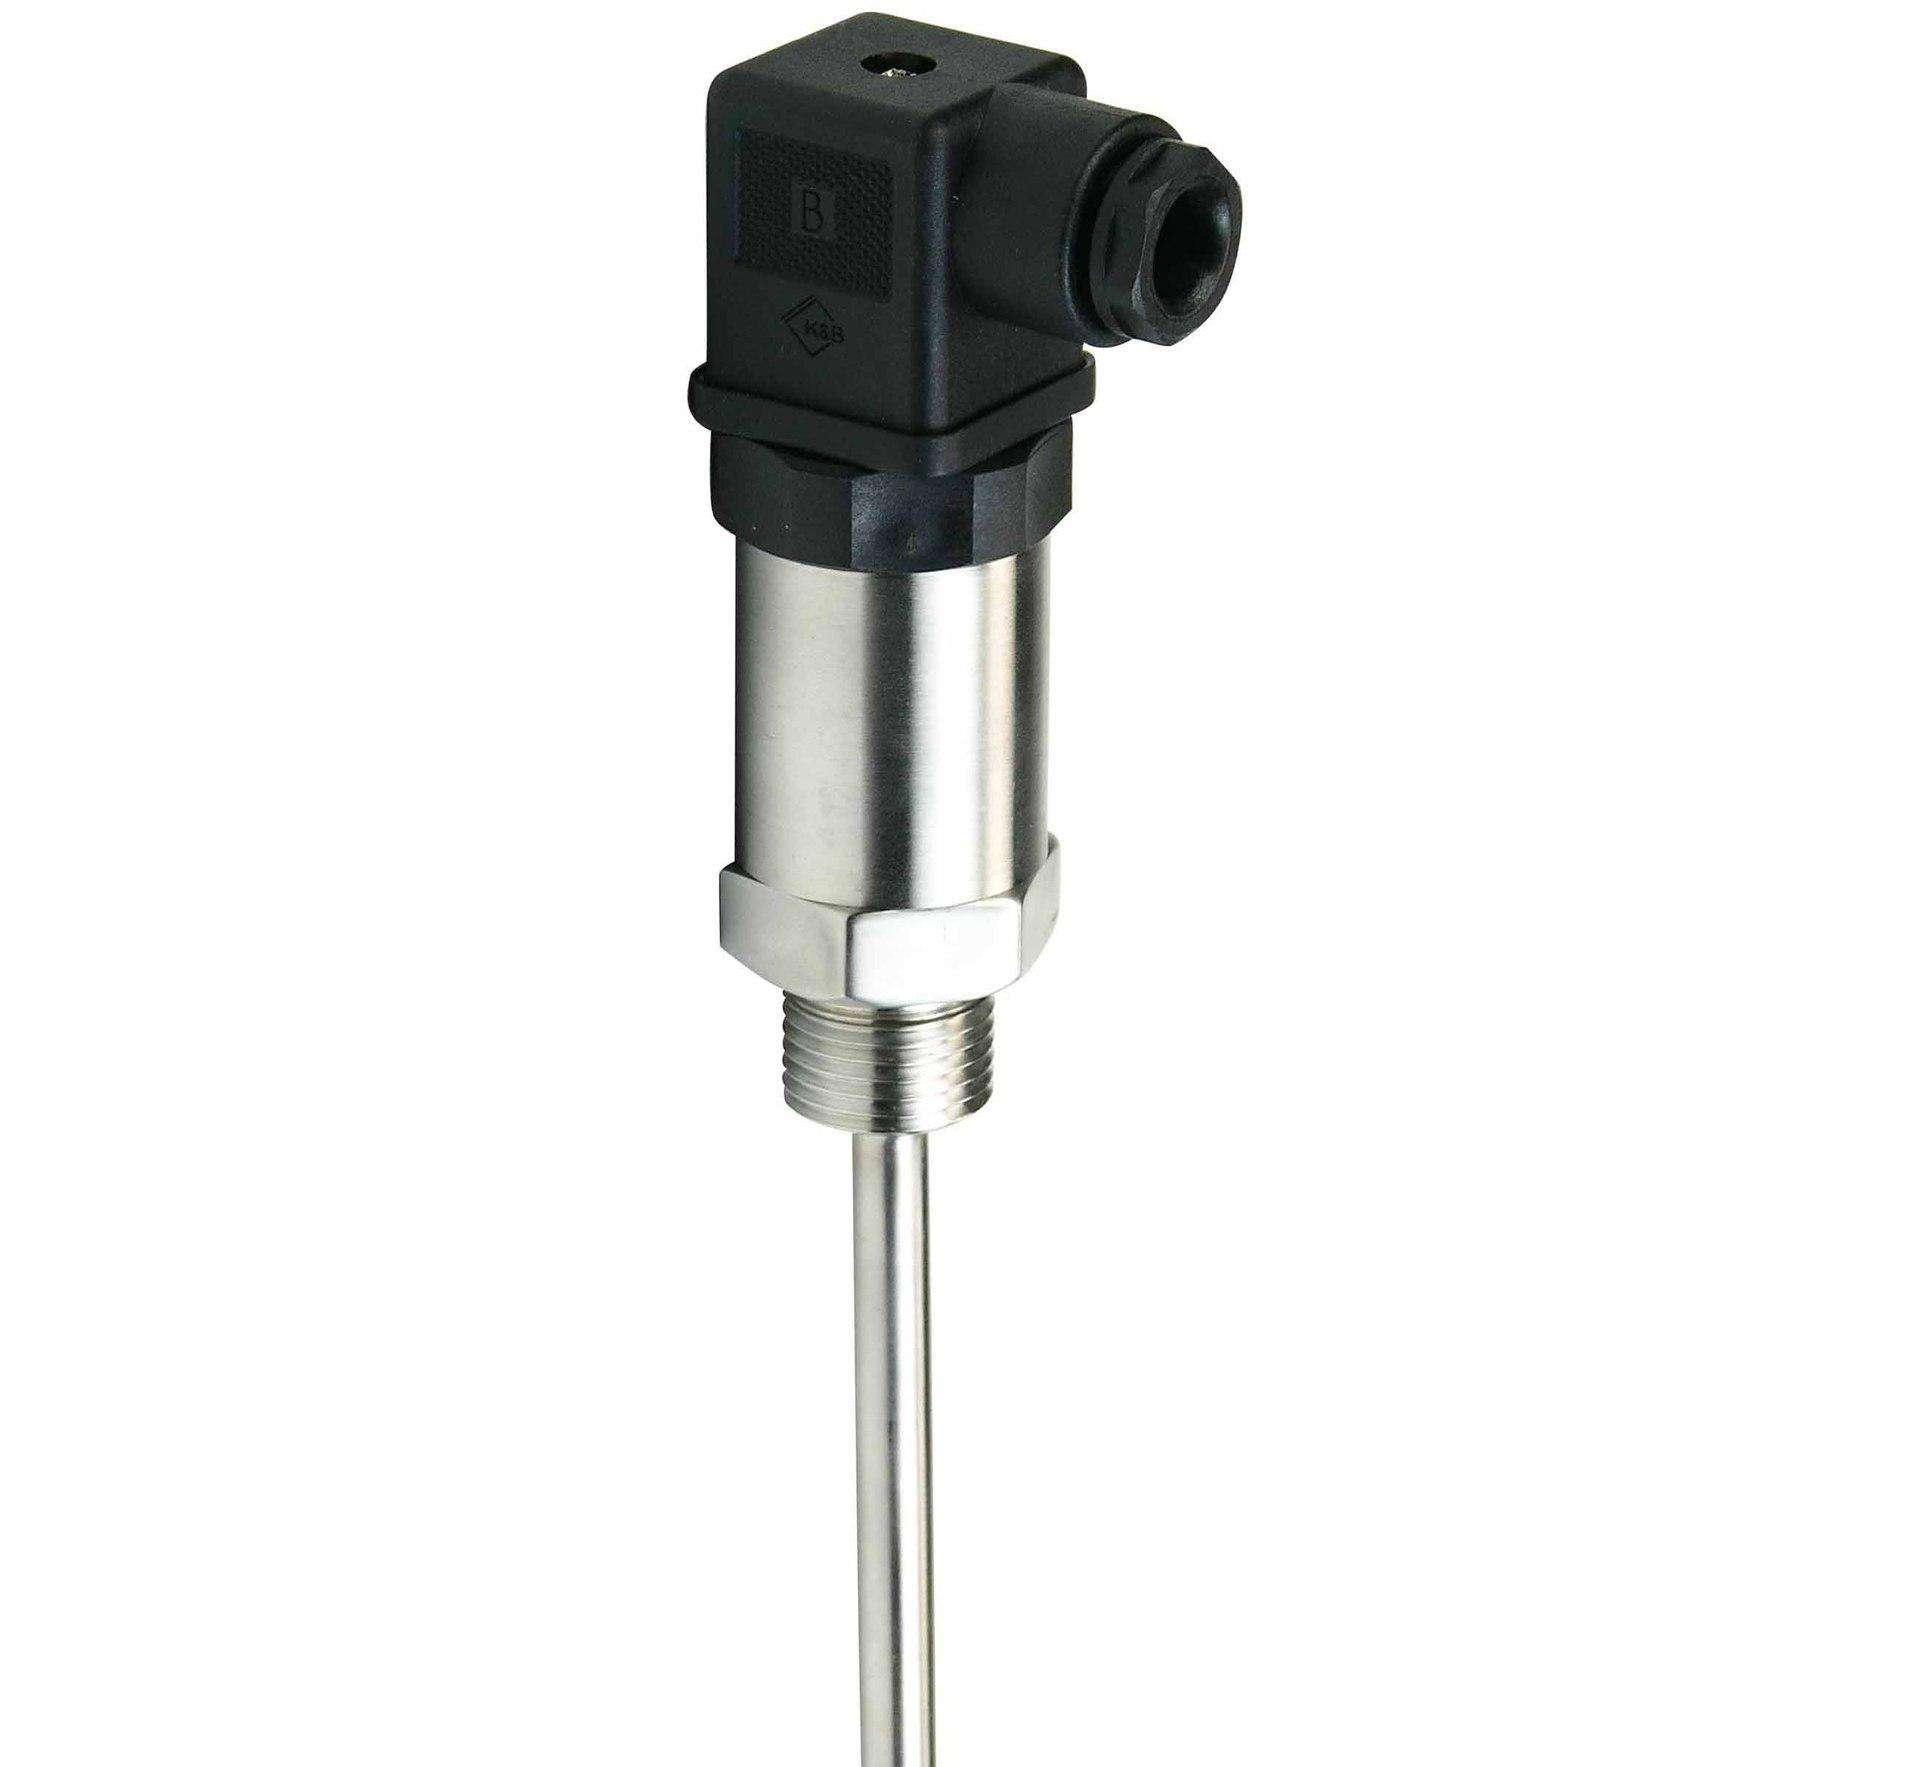 赫斯曼温度传感器专业生产厂家_上仪赫斯曼温度传感器质量可靠